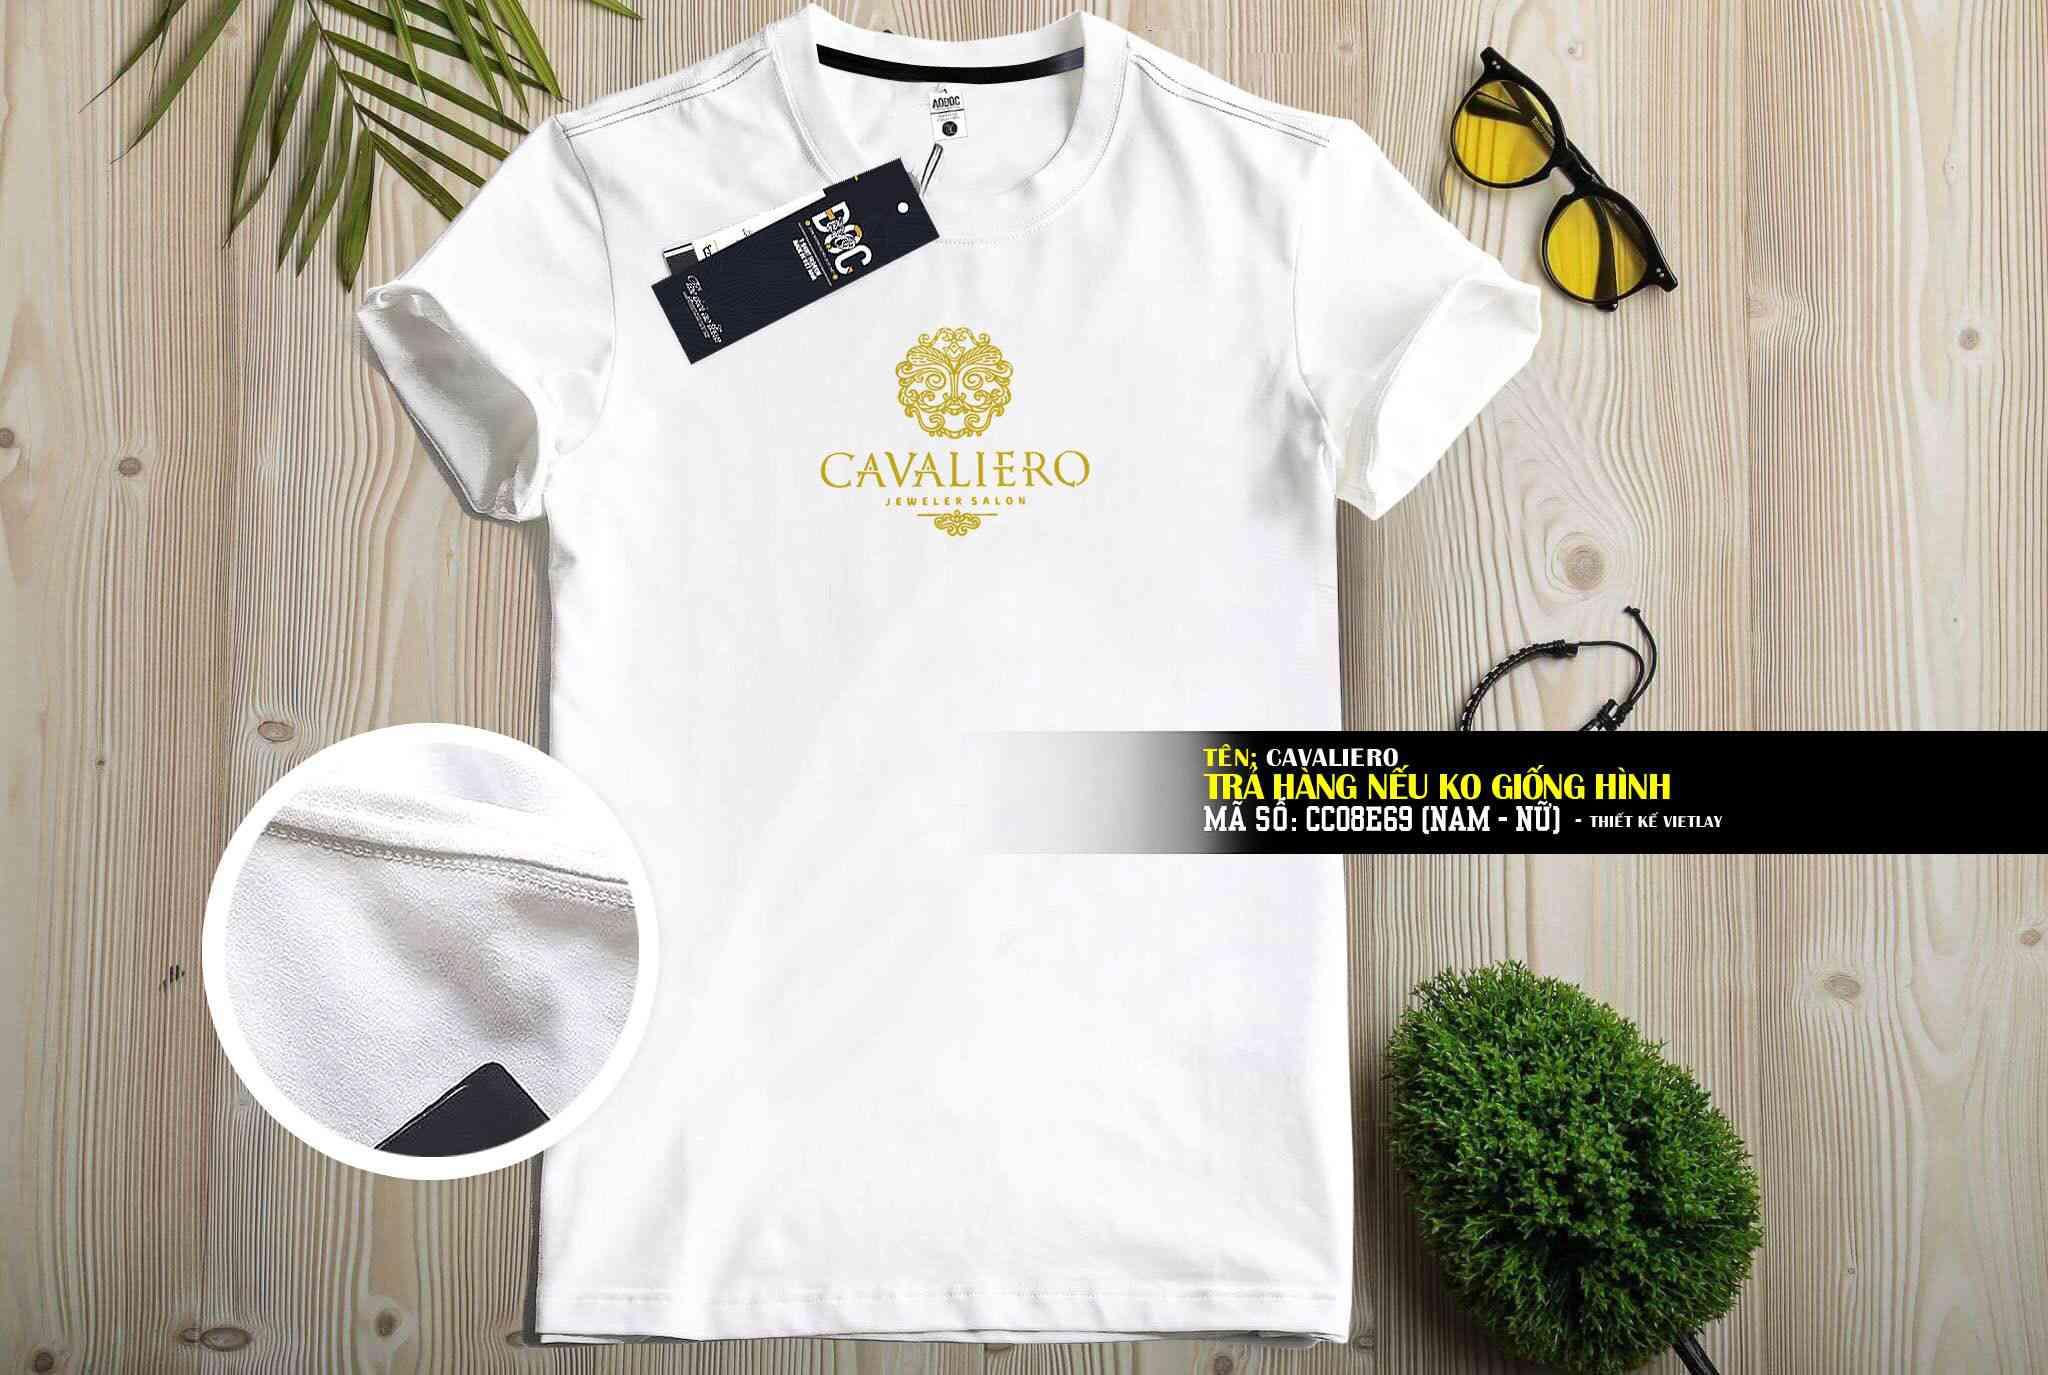 CC08E69 Cavaliero